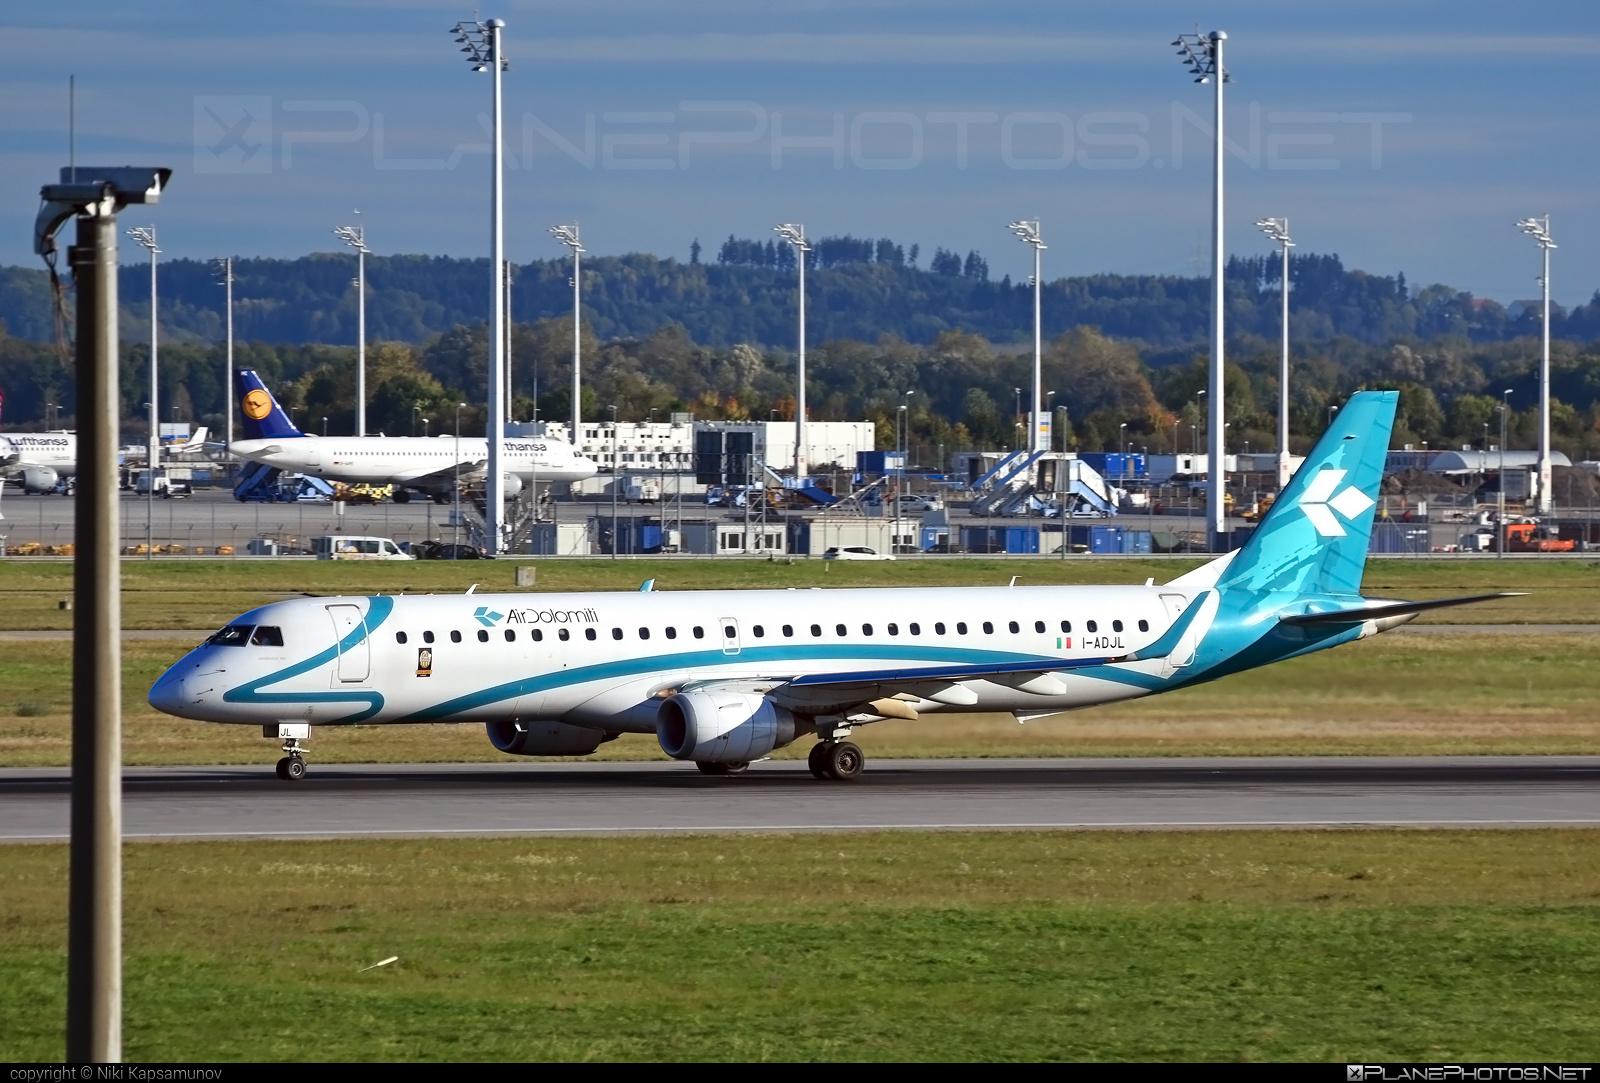 Embraer E195LR (ERJ-190-200LR) - I-ADJL operated by Air Dolomiti #airdolomiti #e190 #e190200 #e190200lr #e195lr #embraer #embraer190200lr #embraer195 #embraer195lr